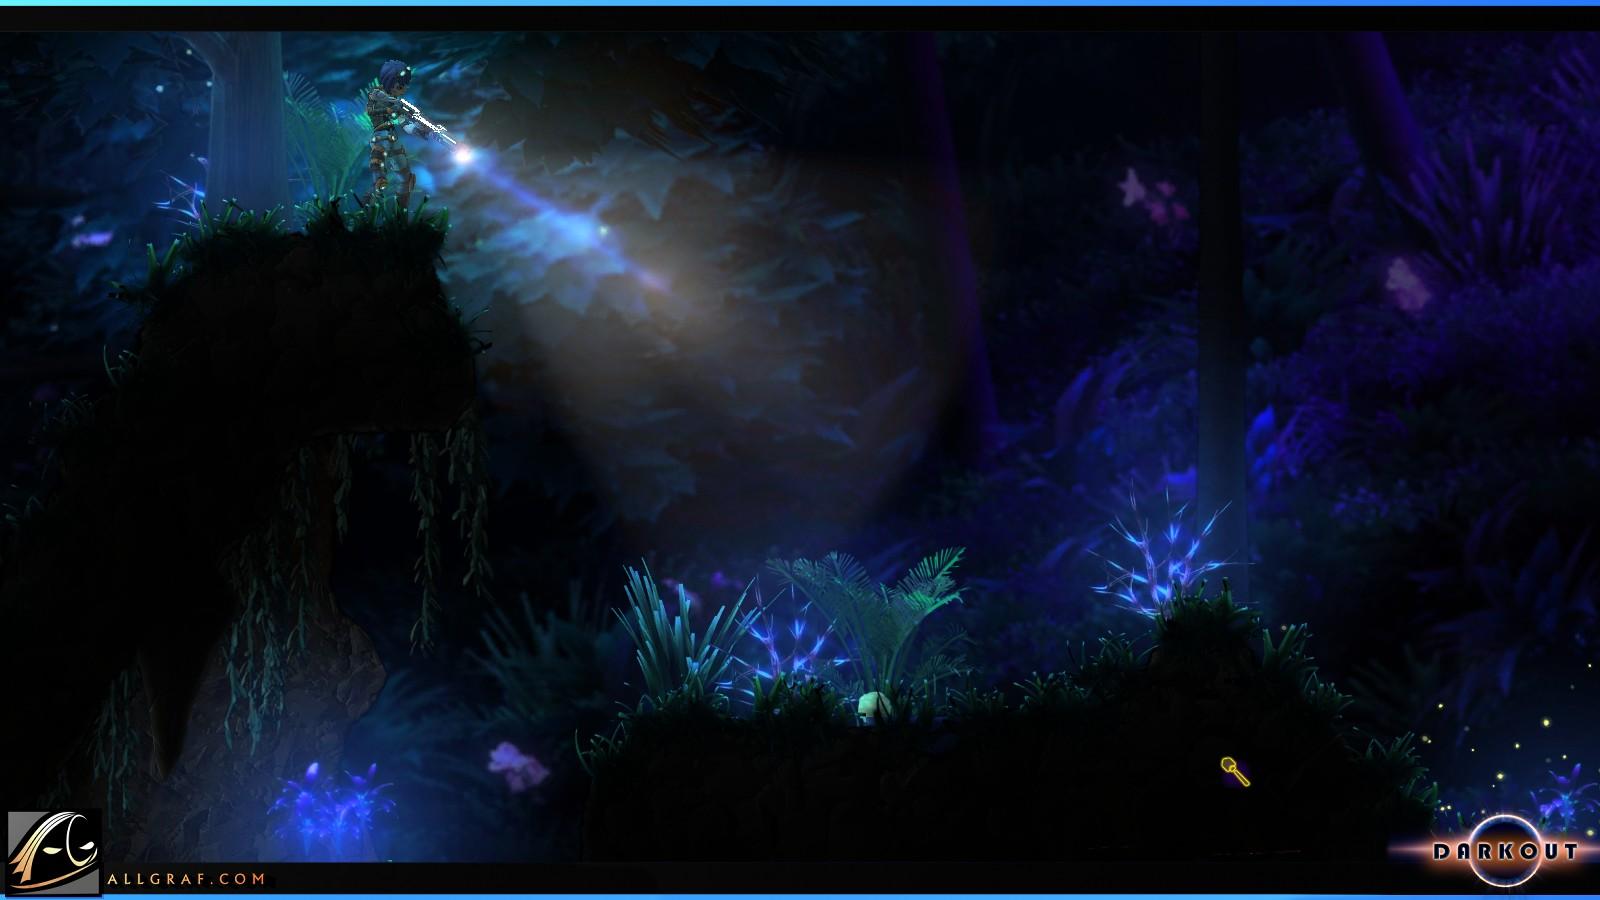 darkout 05122013a